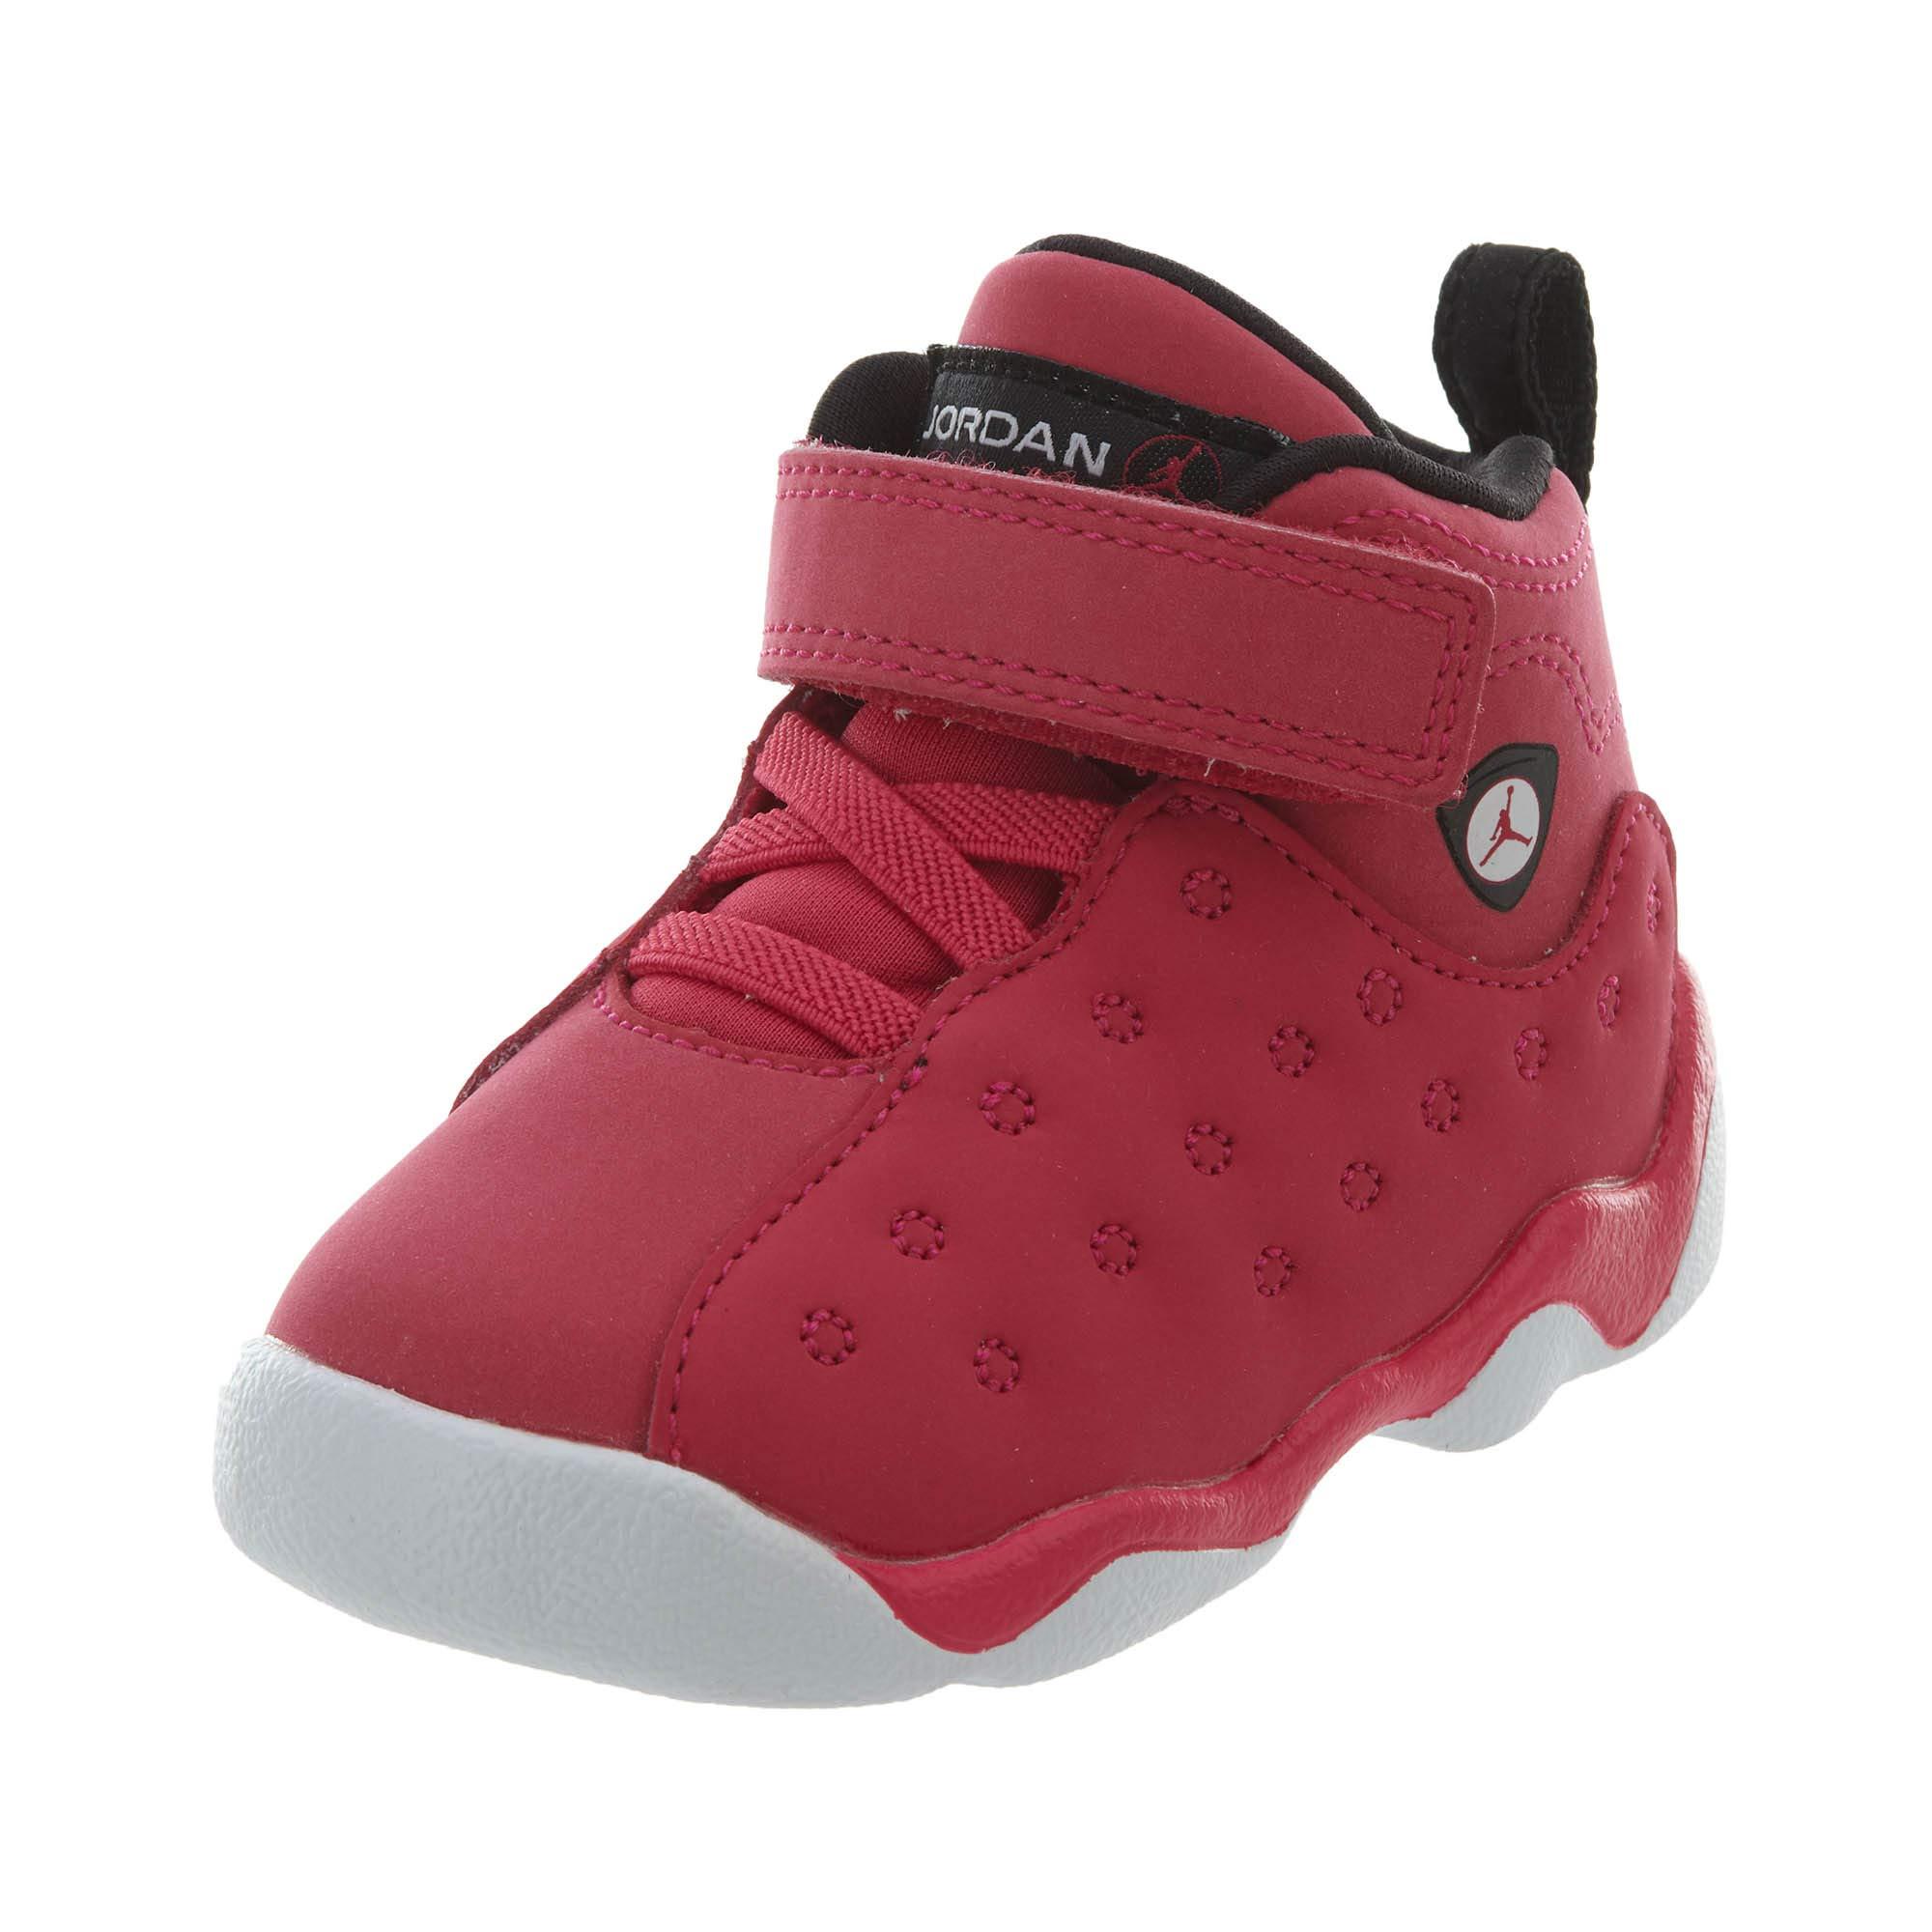 Jordan Toddler Jumpman Team II TD Rush Pink Black Dark Smoke Gry Size 9